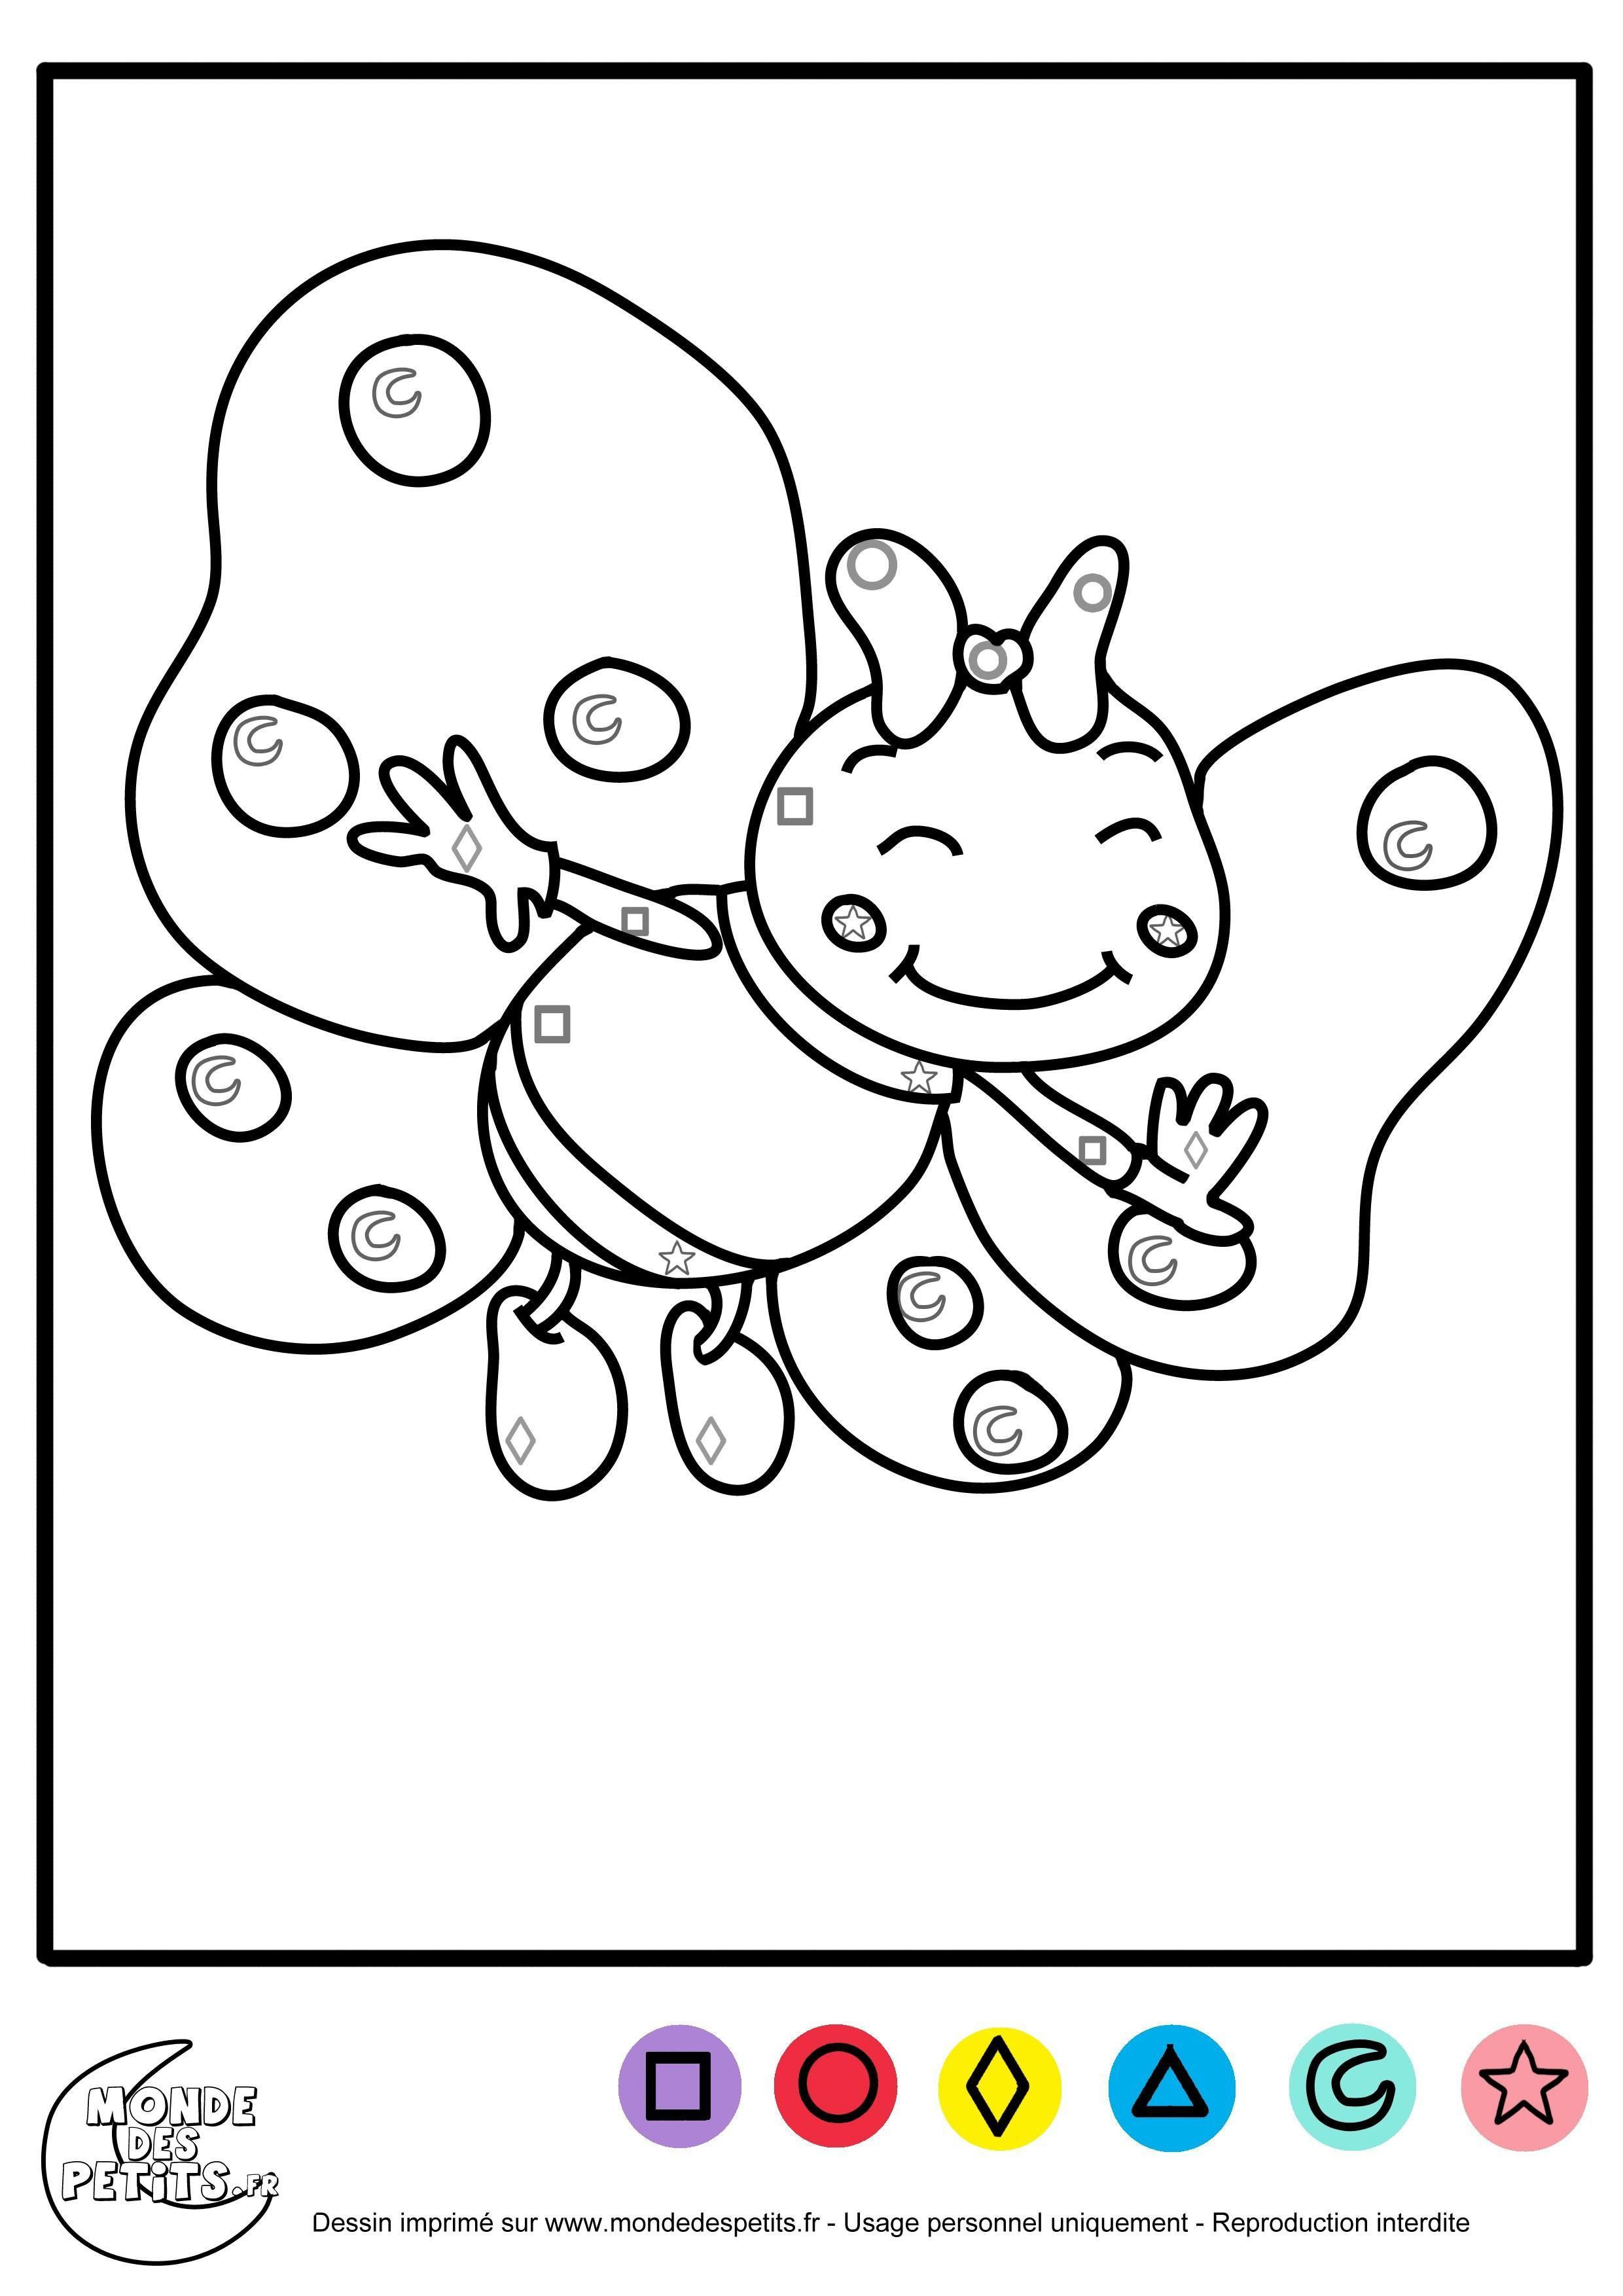 Coloriage Maternelle En Ligne Unique Coloriage Kaeloo En Ligne Charmant Collection Coloriages Maternelle Cartoon Coloring Pages Preschool Colors Coloring Pages